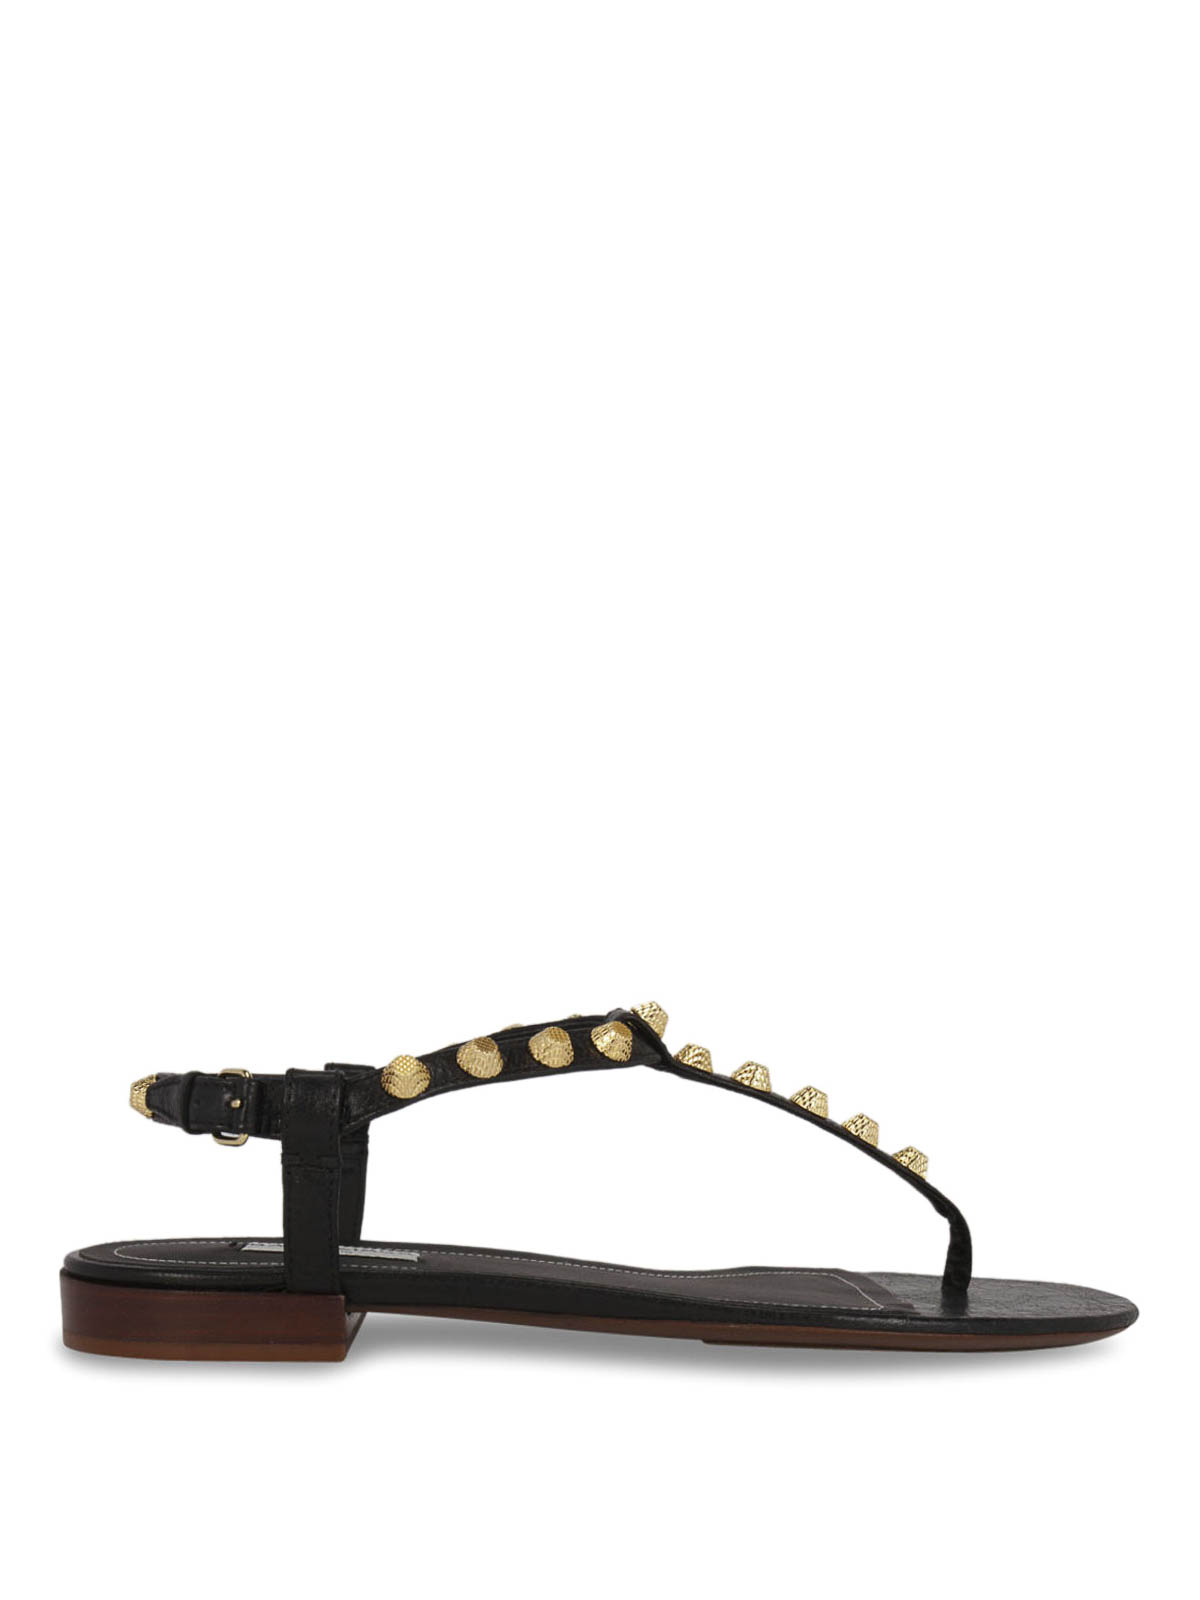 ec02fe17f326 Balenciaga - Giant studs T-strap flat sandals - sandals ...